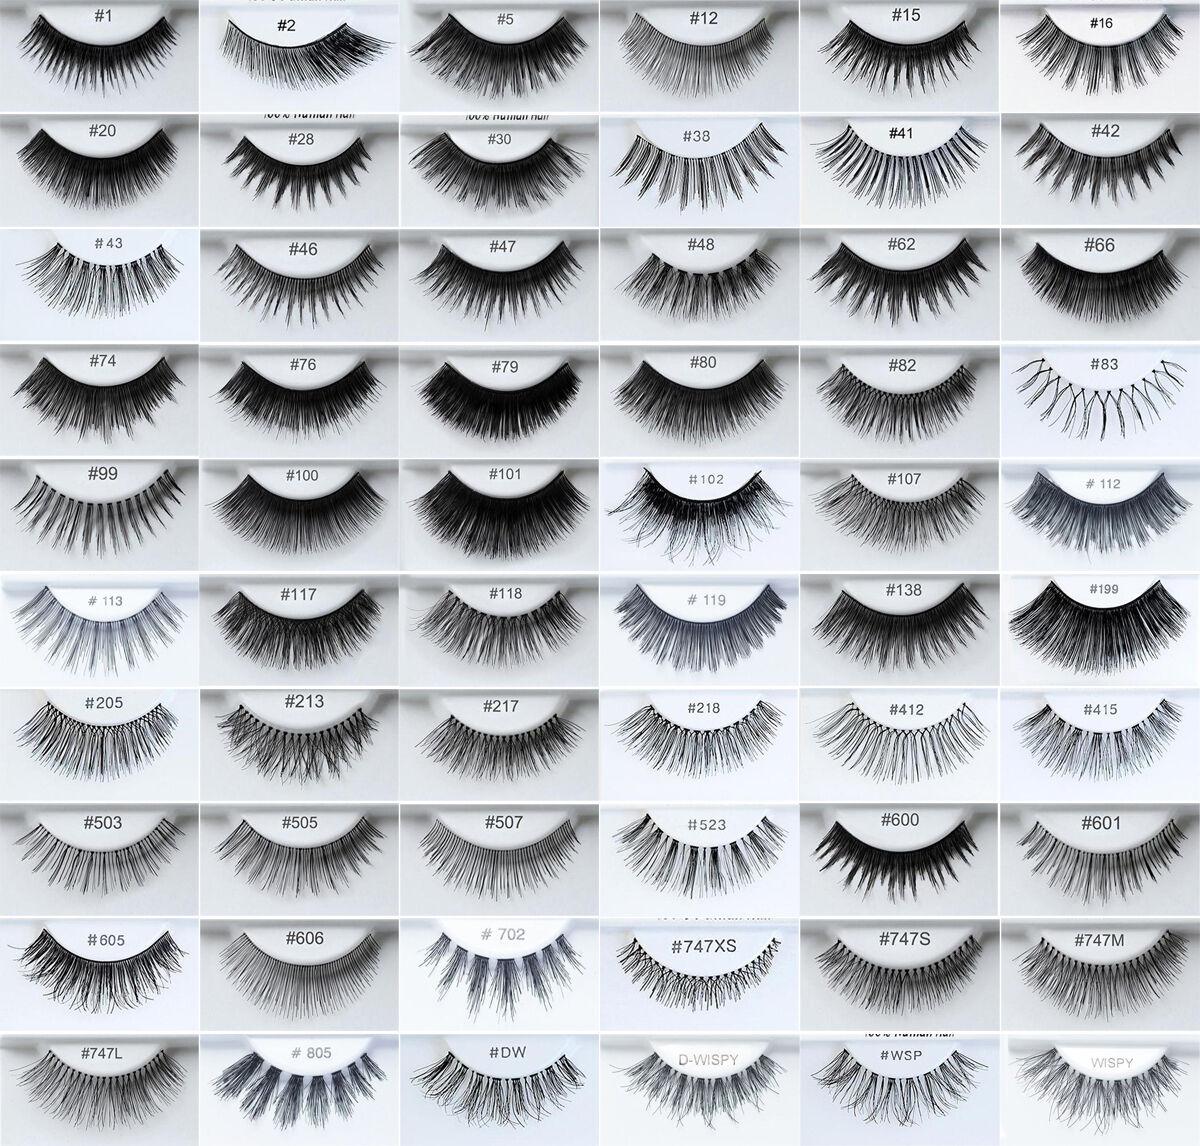 6 Pairs KARA 100% Human Hair False Eyelashes All Styles